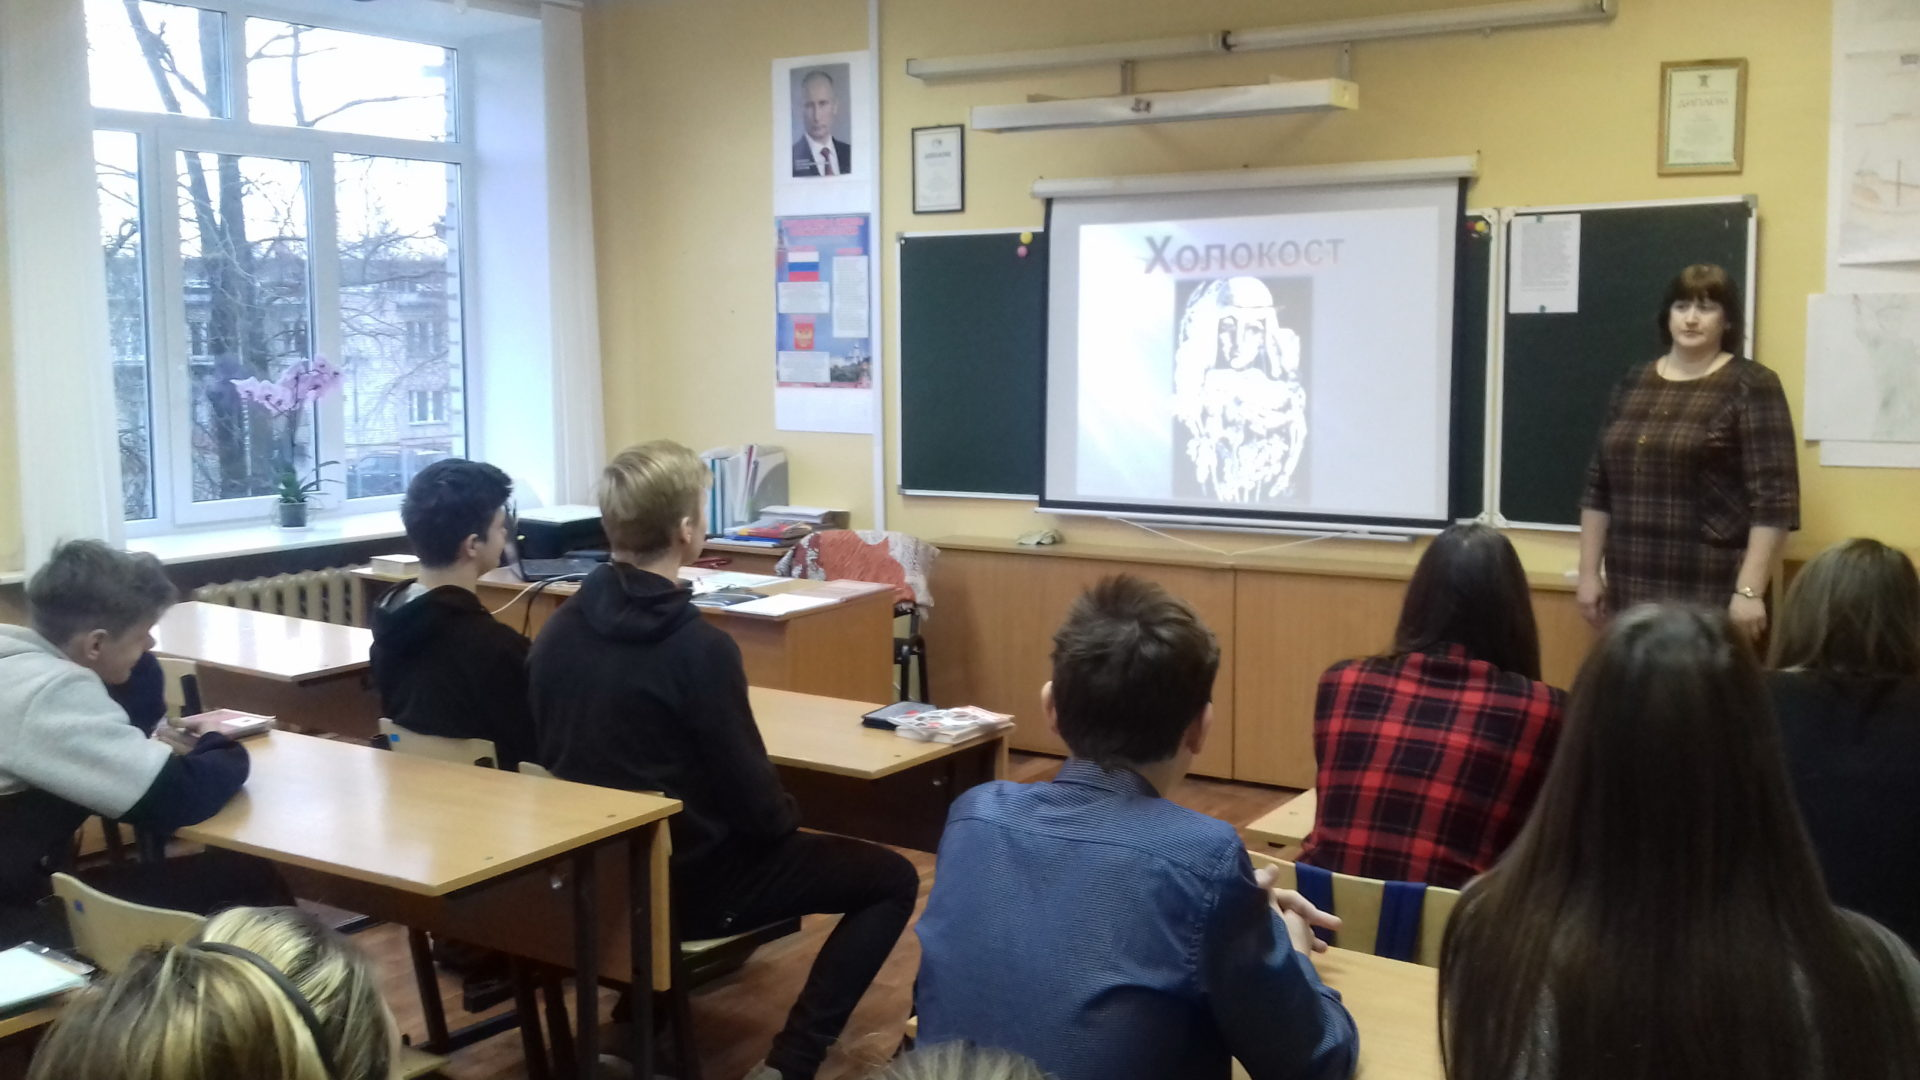 Лекция по истории Холокоста в Ярослвской области